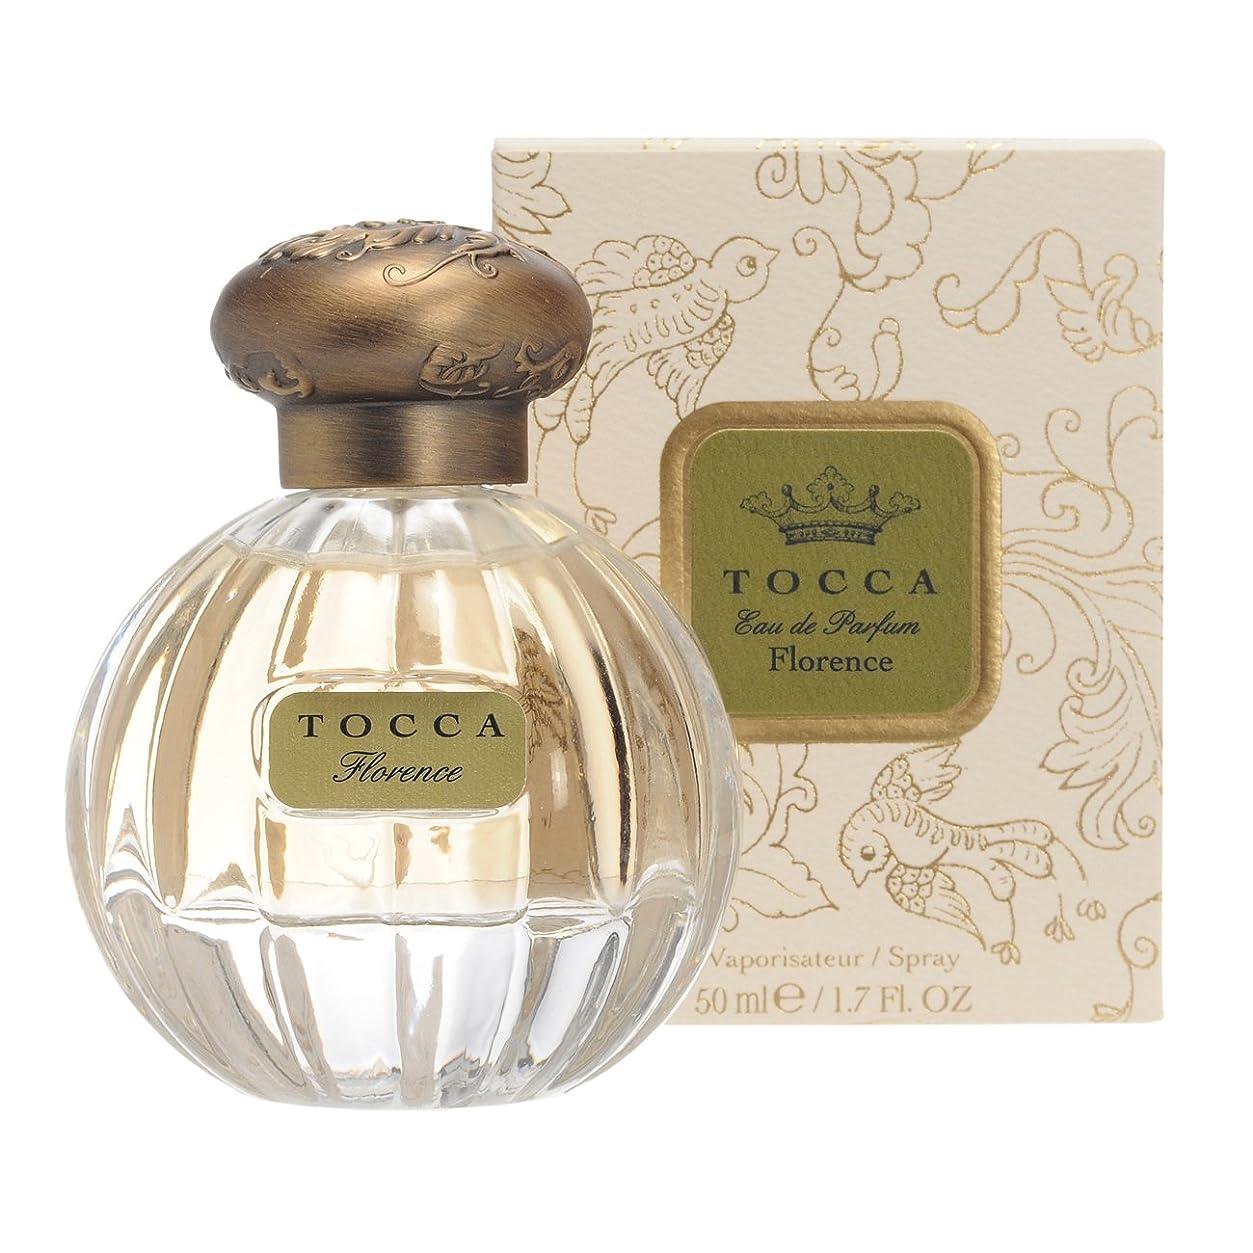 ハッピースケート侮辱トッカ(TOCCA) オードパルファム フローレンスの香り 50ml(香水 パリジェンヌの洗練された美しさを演出する、ガーデニアとスミレが漂う上品なフローラルの香り)